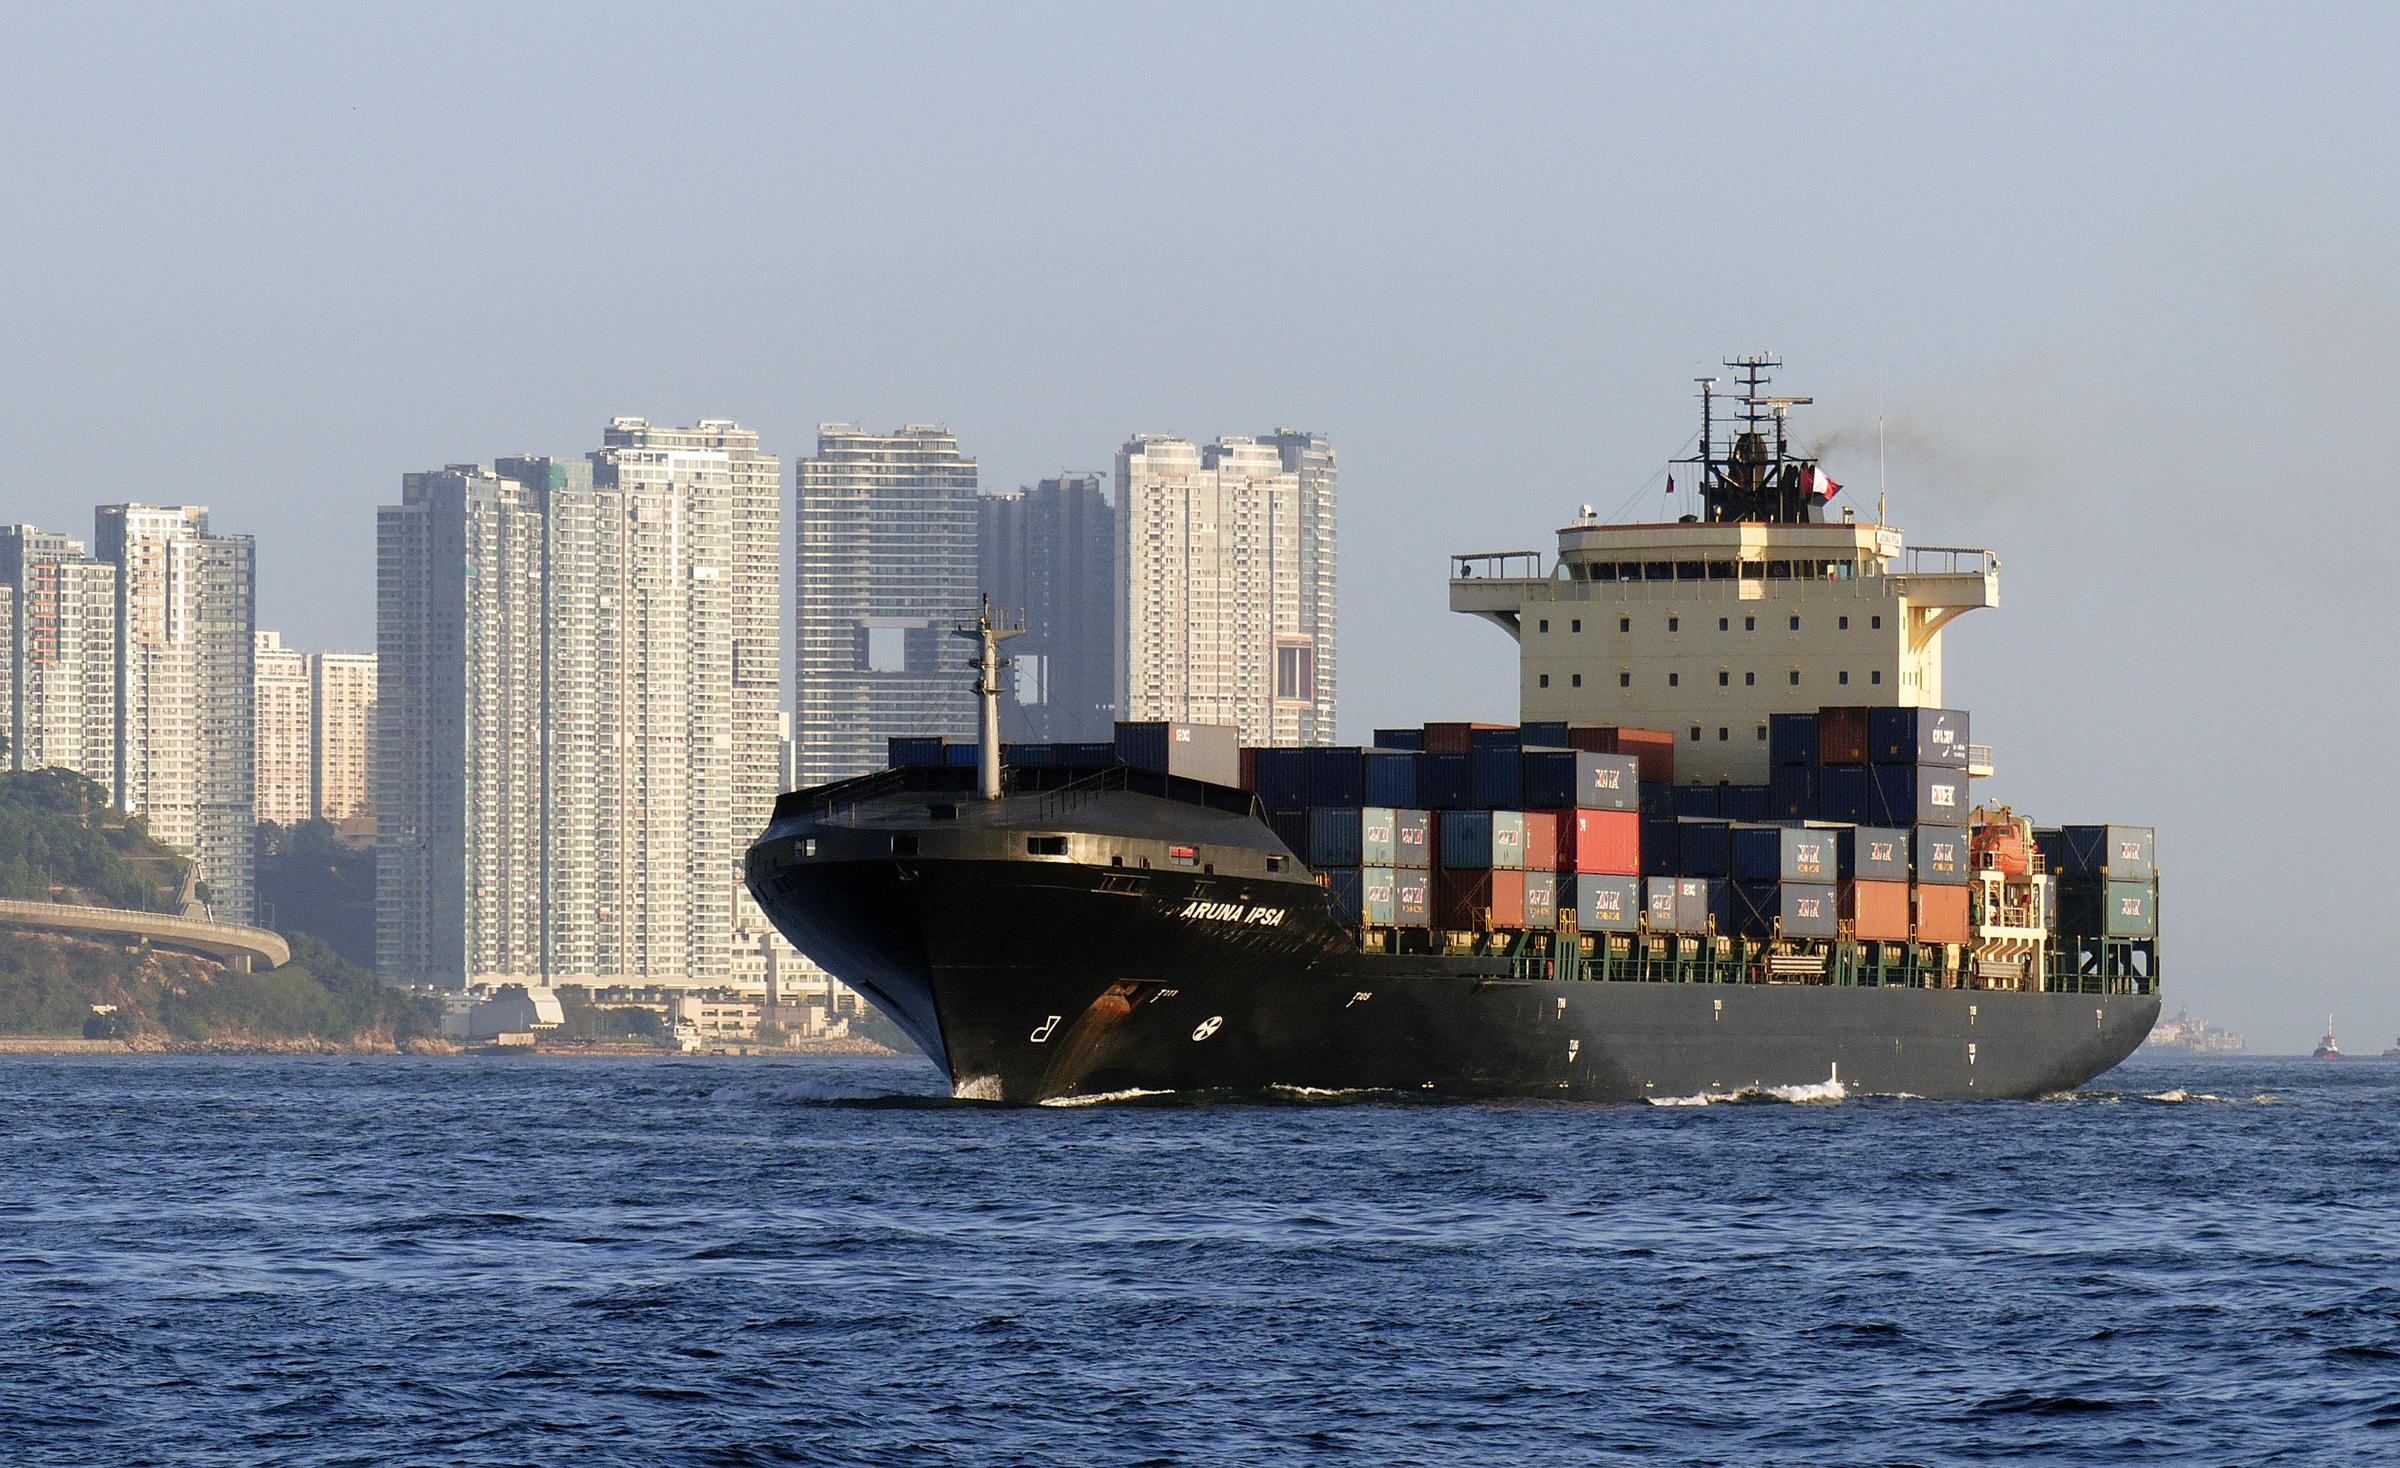 Gambar Laut Pantai Lautan Perahu Mengangkut Kendaraan Pelabuhan Kapal Kargo Feri Area Publik Saluran Pengiriman Lumixfz Bridgecamera